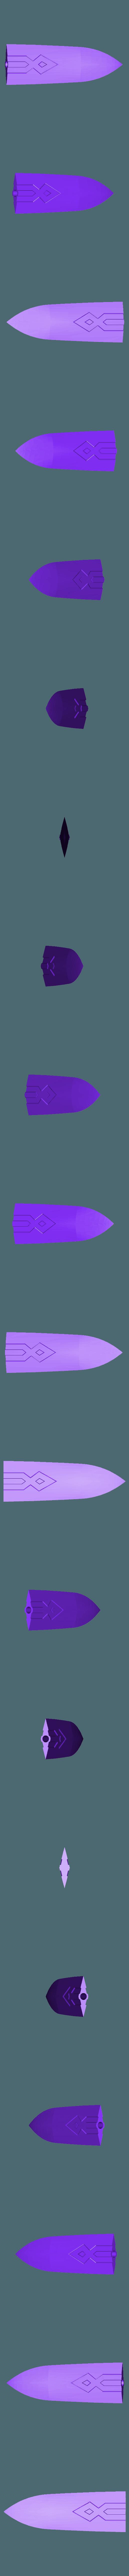 sword - lame_faible.stl Télécharger fichier STL gratuit Link Goddess Sword (without painting) • Design pour imprimante 3D, lipki